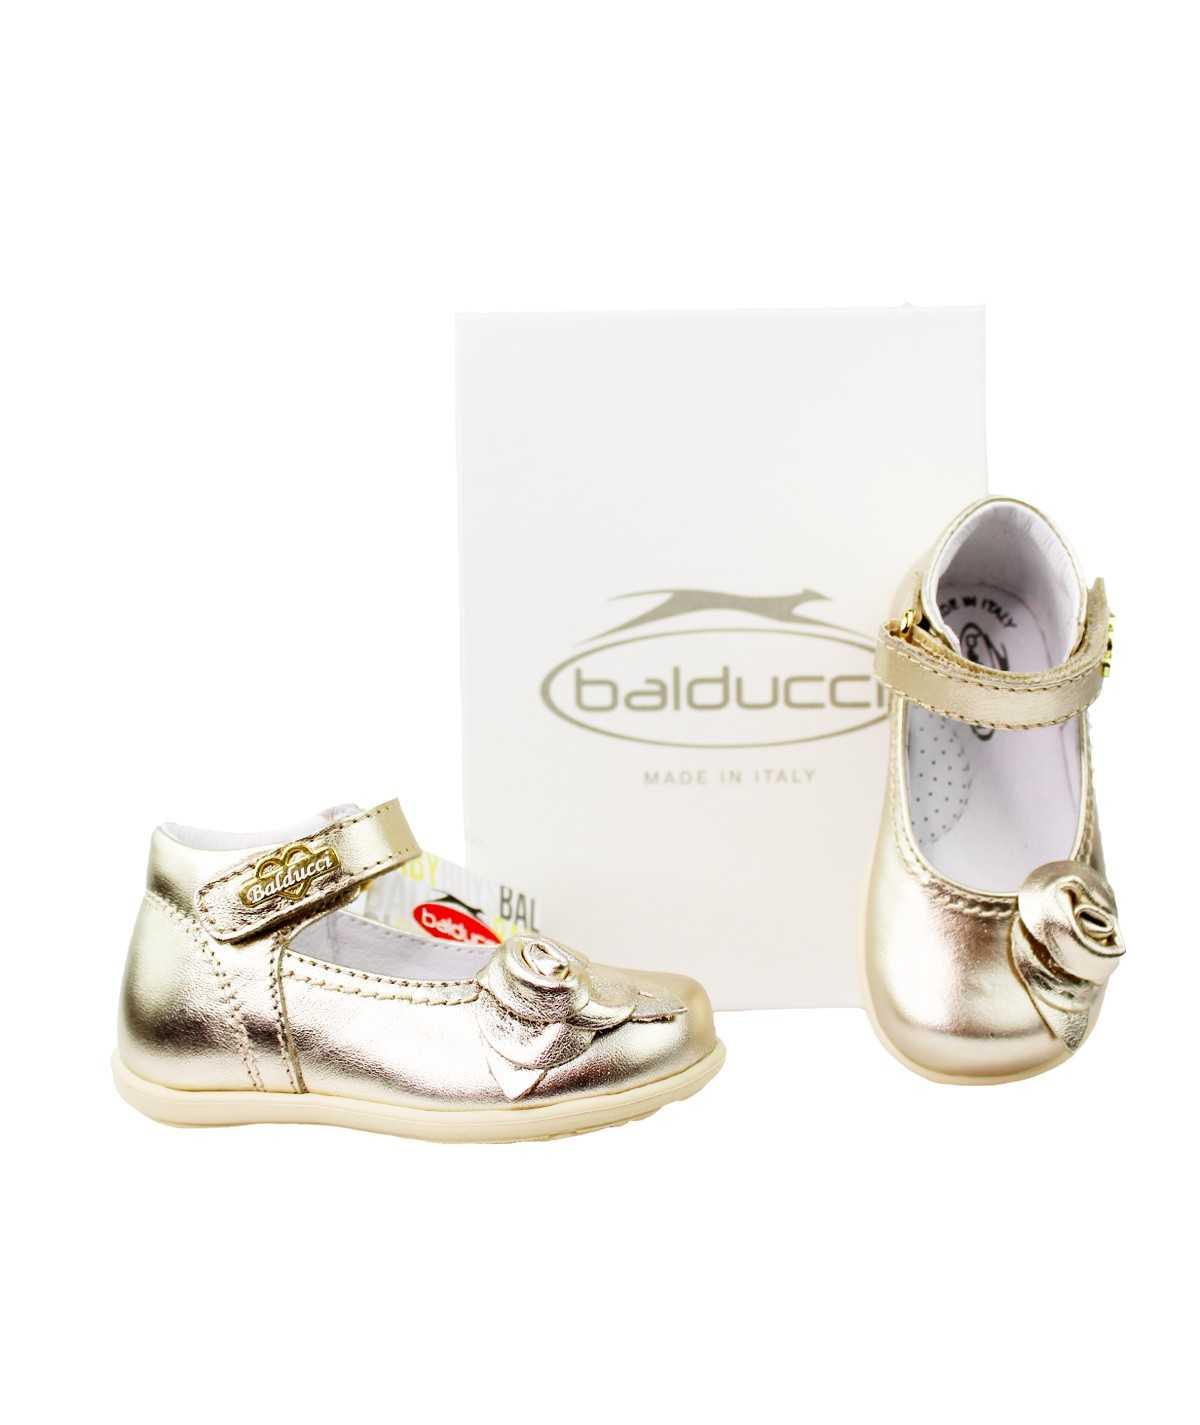 BALDUCCI Ballerina 19/24